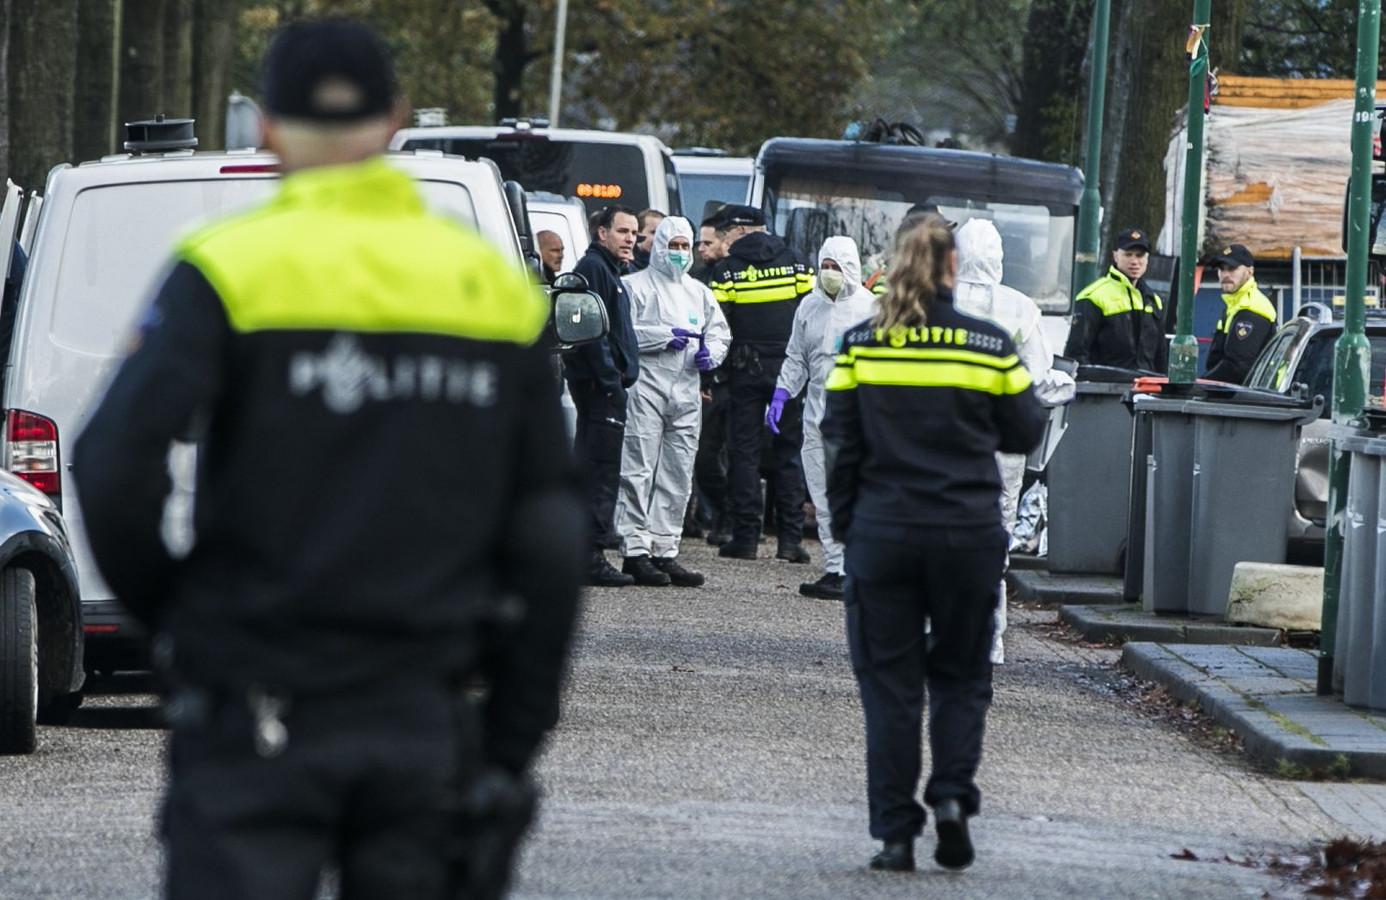 Beeld van de politie-actie vorige week bij het woonwagenkamp in Oss.